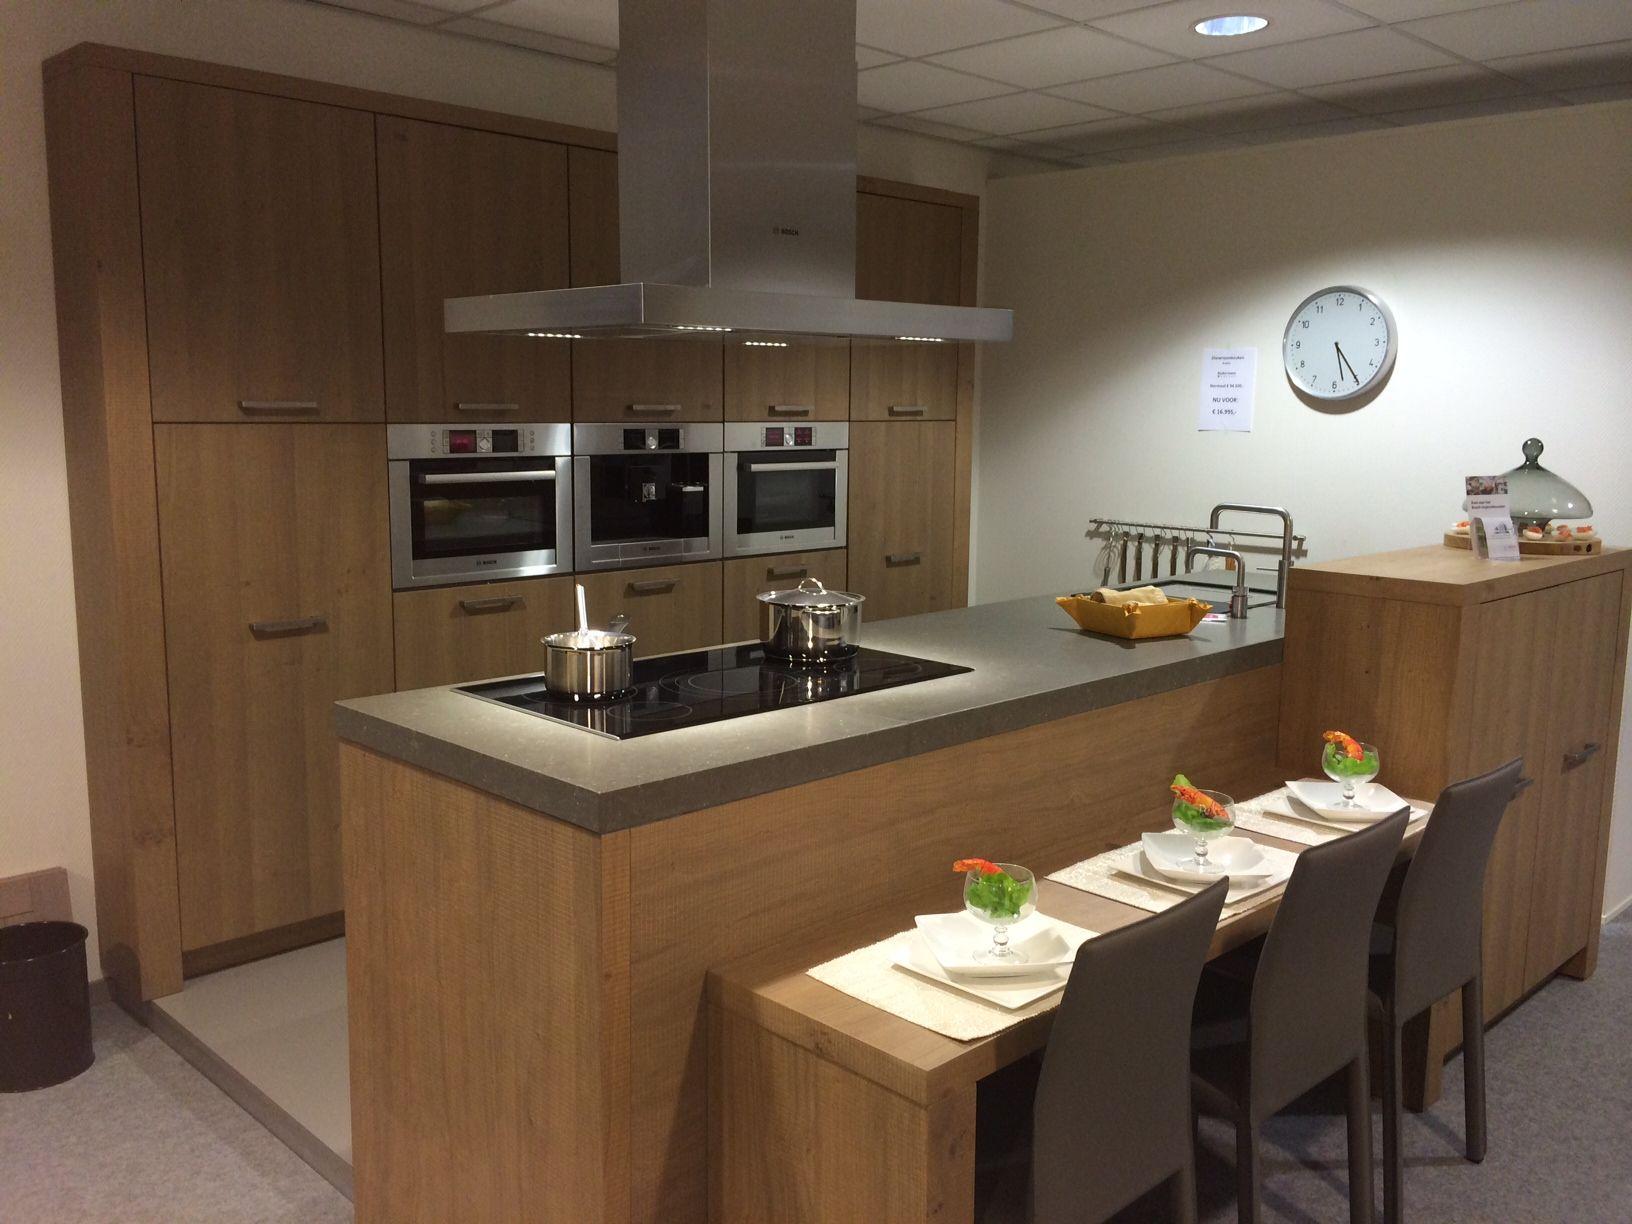 Beckermann keuken keukenarchitectuur - Keuken ilots centrale ...